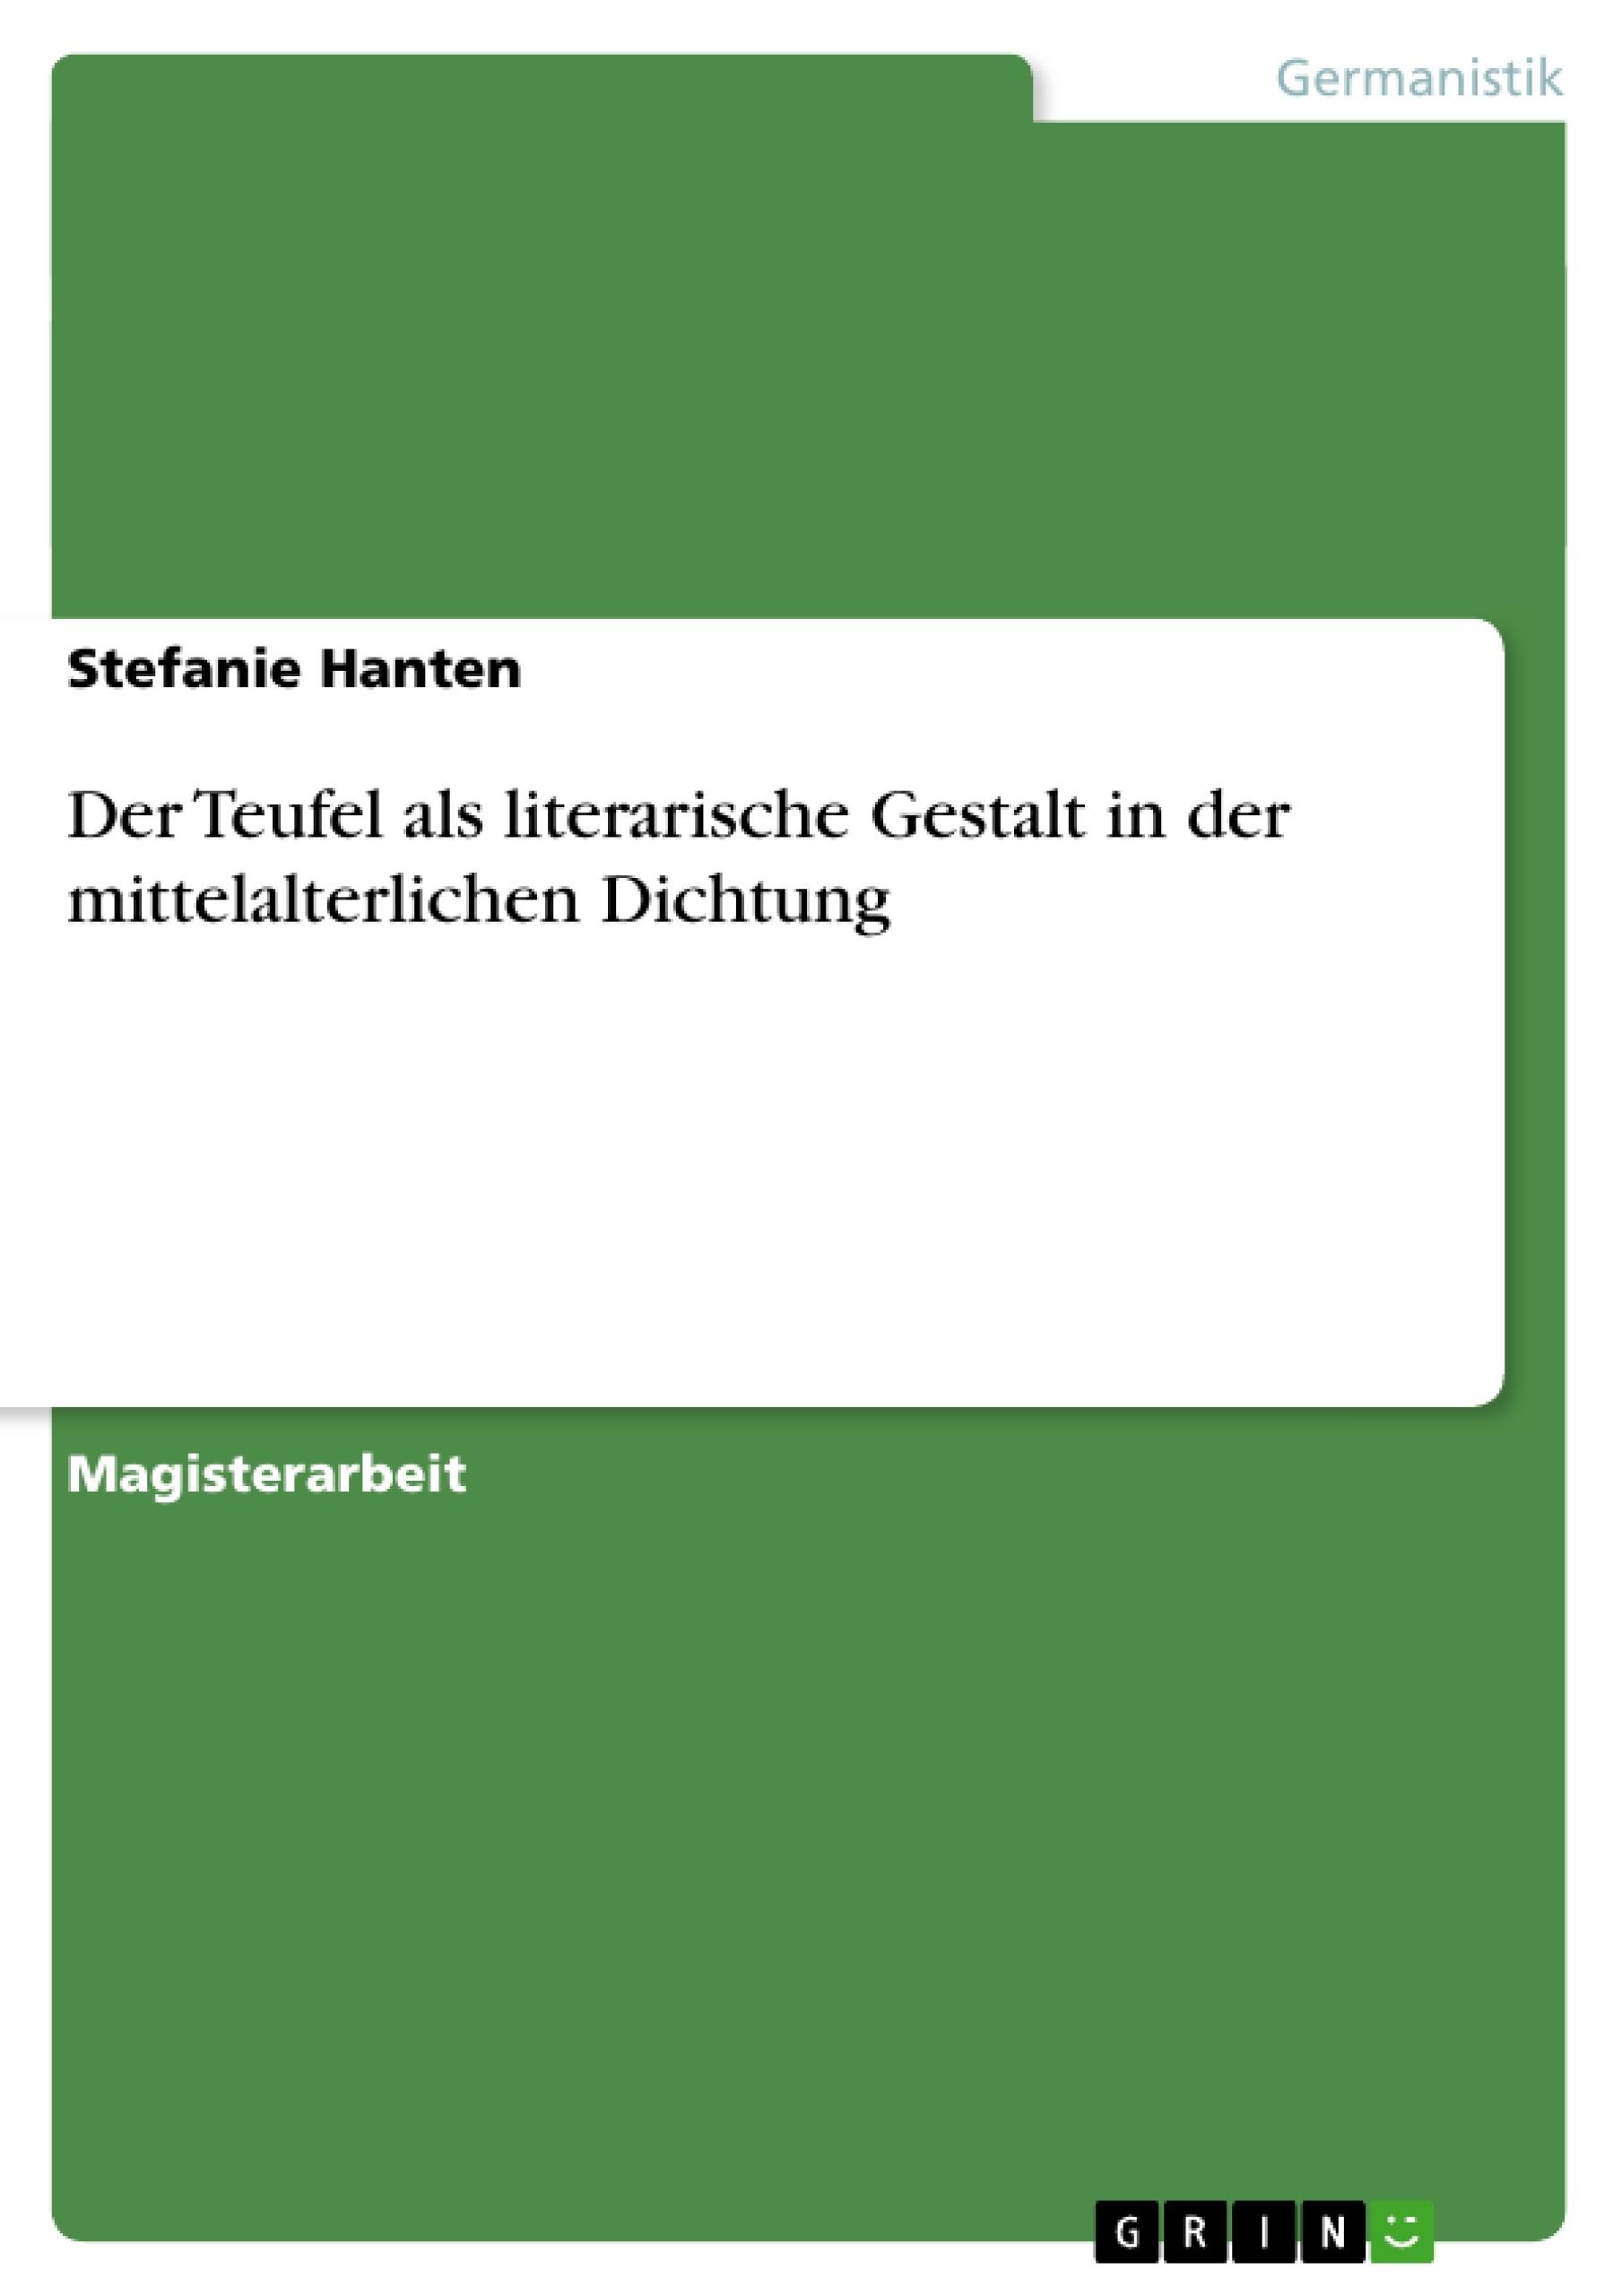 Titel: Der Teufel als literarische Gestalt in der mittelalterlichen Dichtung